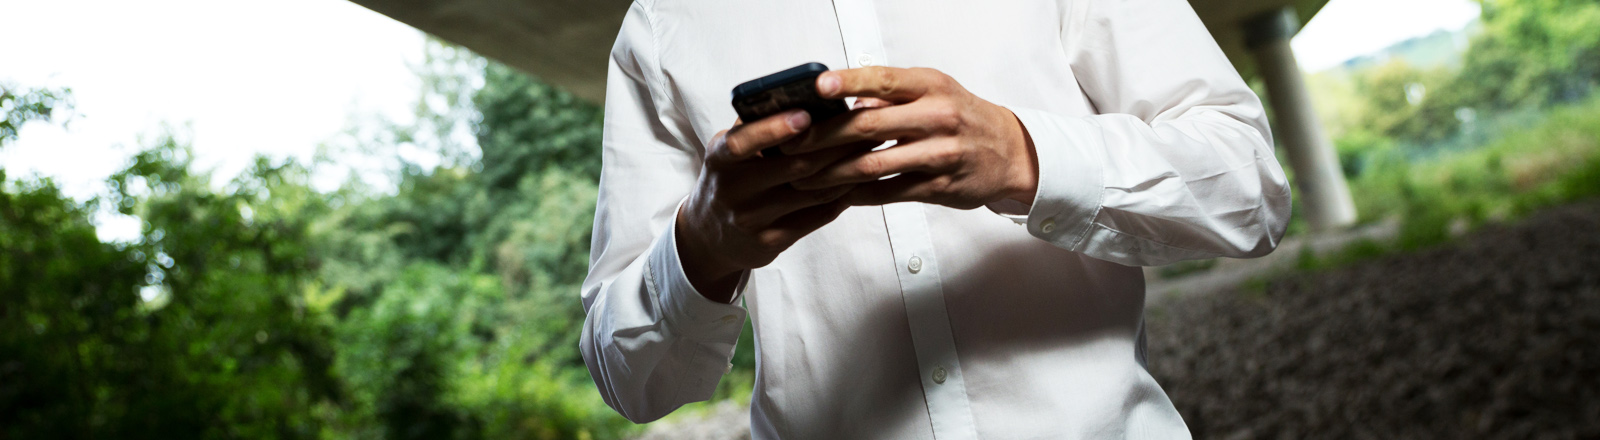 Ein junger Mann tippt auf seinem Smartphone